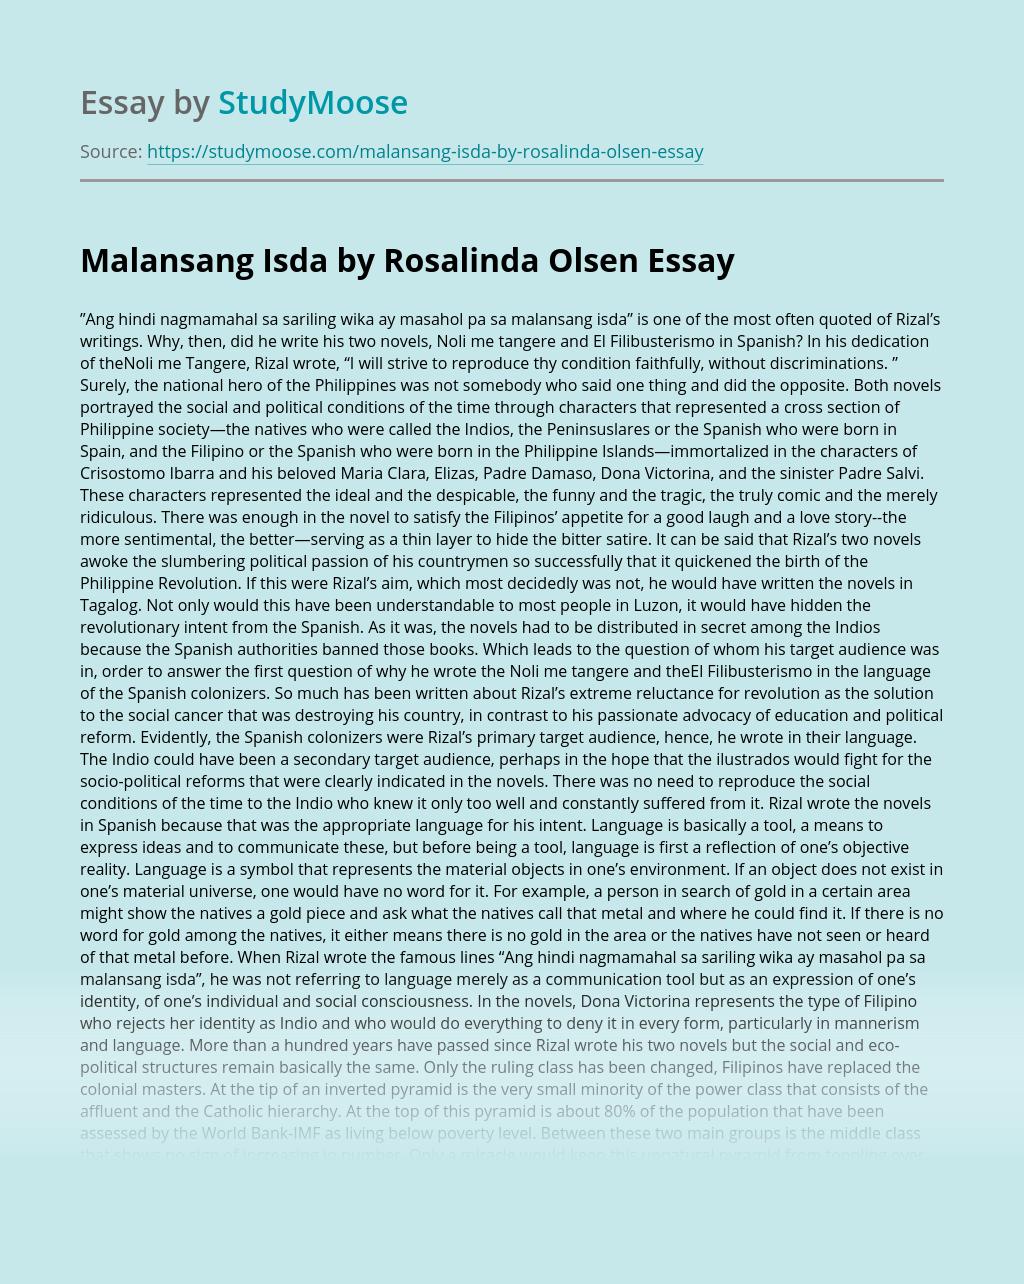 Malansang Isda by Rosalinda Olsen